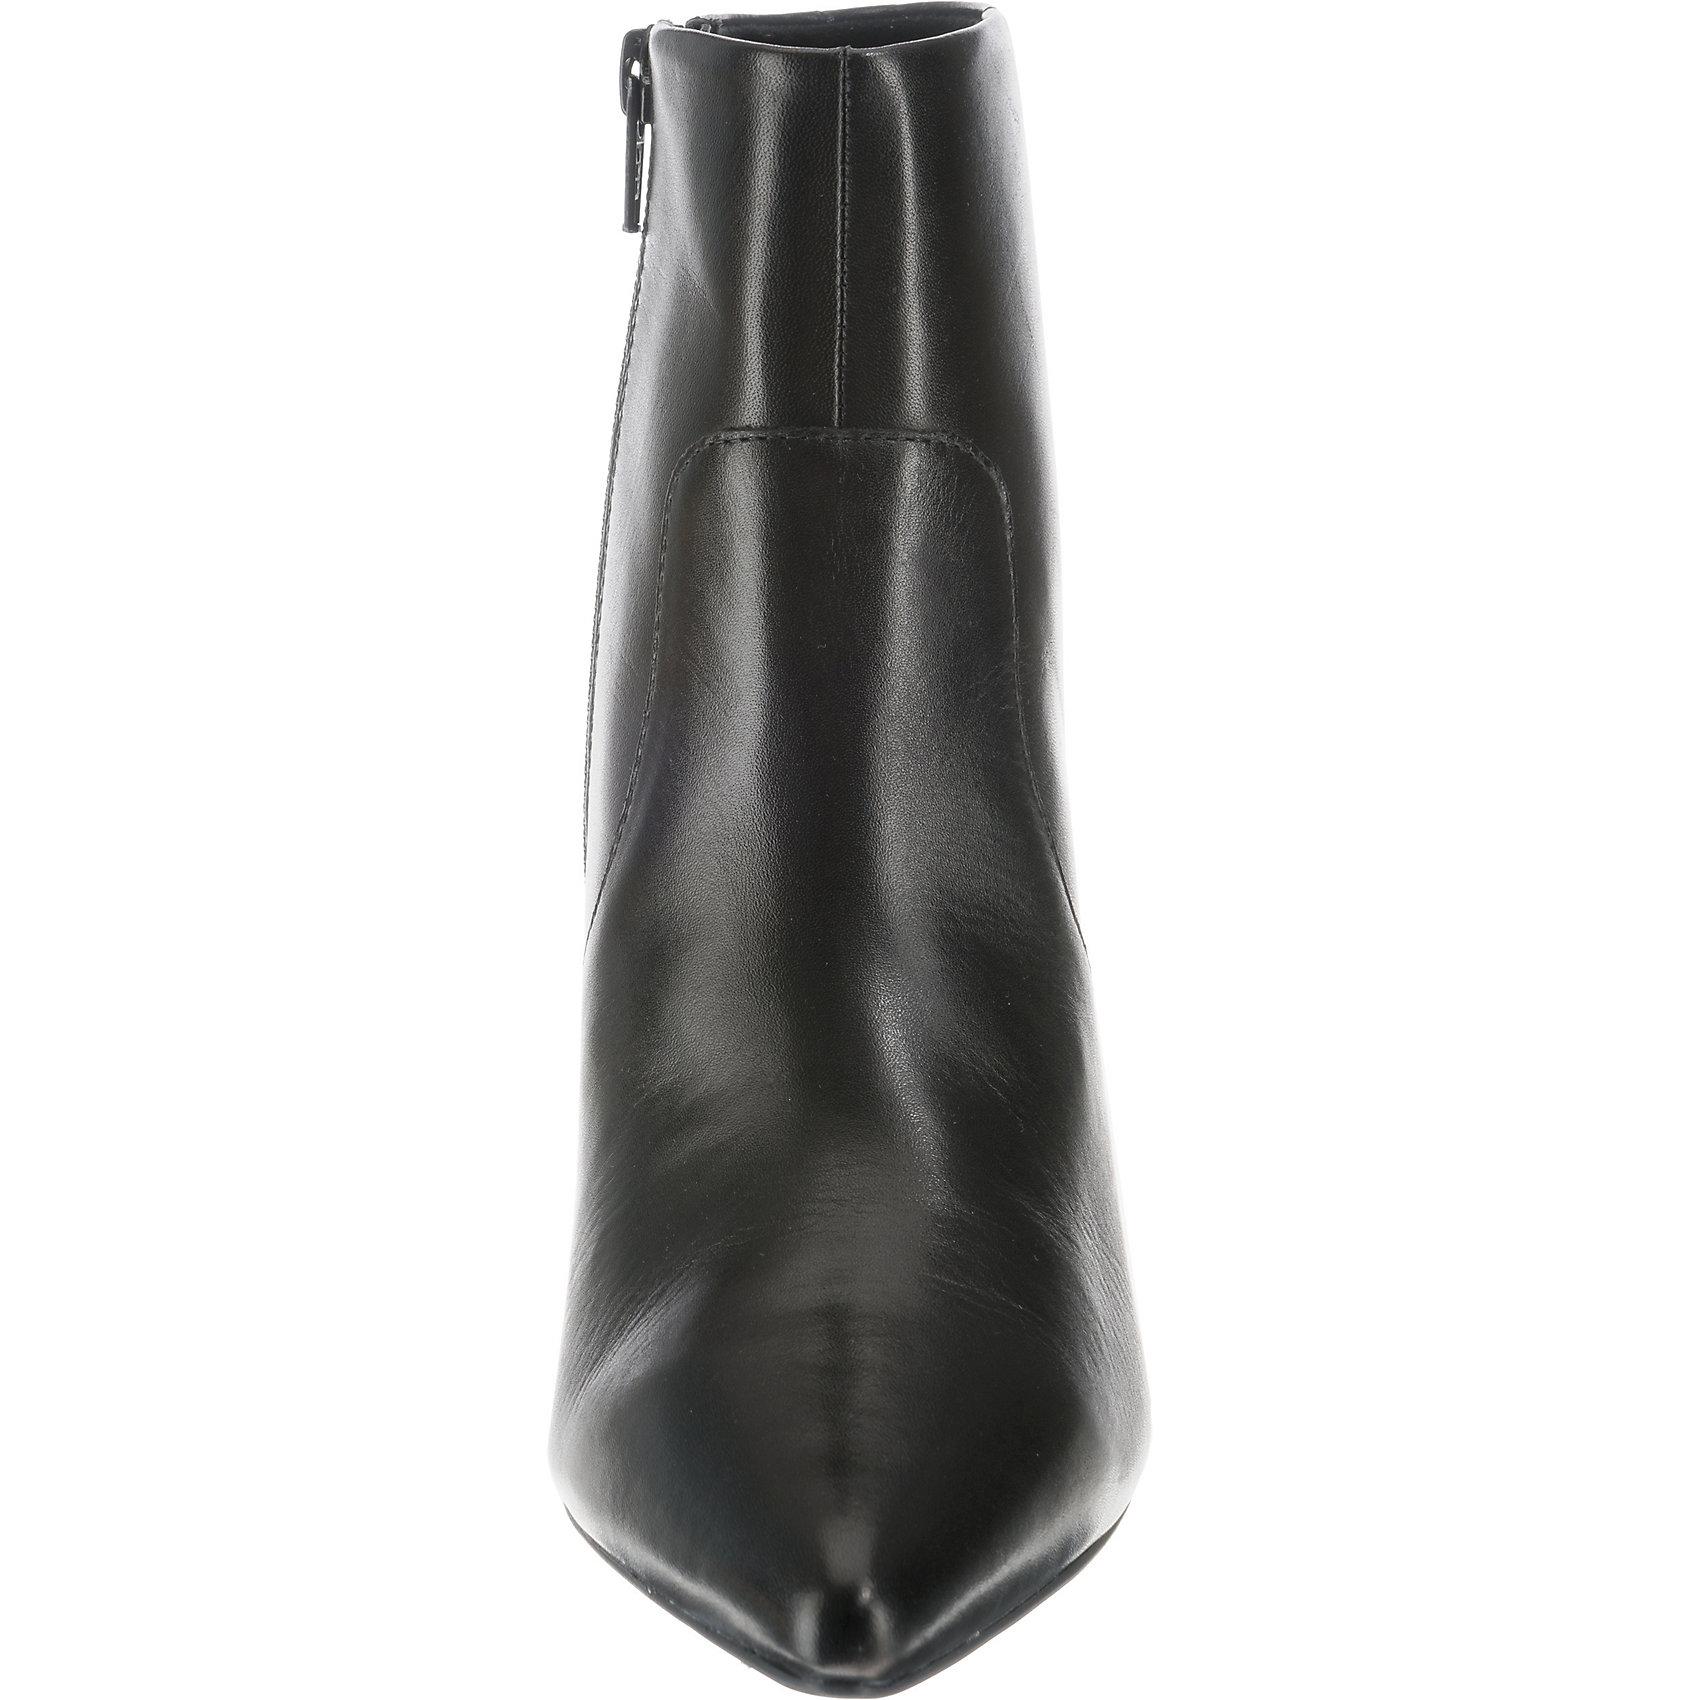 Neu Neu Neu Pier One Klassische Stiefel 8602574 für Damen schwarz 48f090